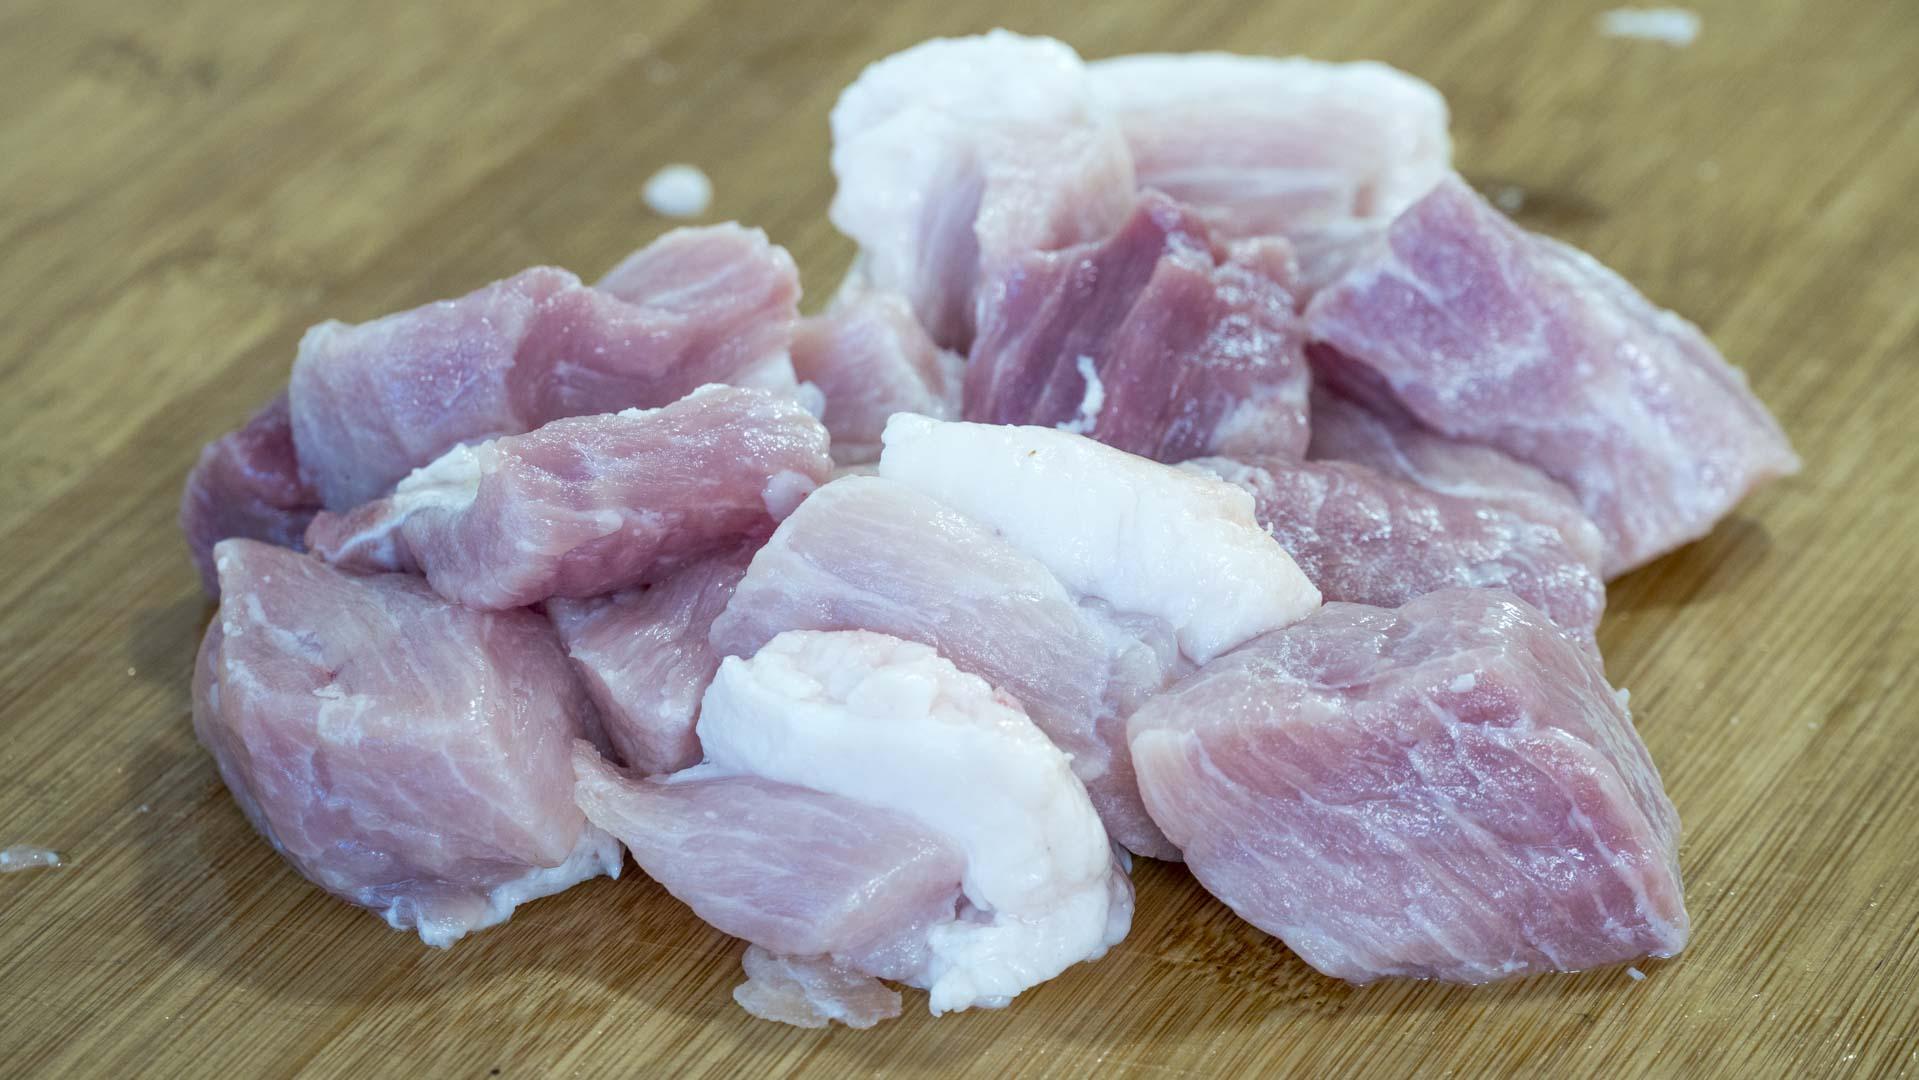 自製糯米腸家庭做法,鹹香軟糯沒有添加劑,食材做法都簡單,解饞